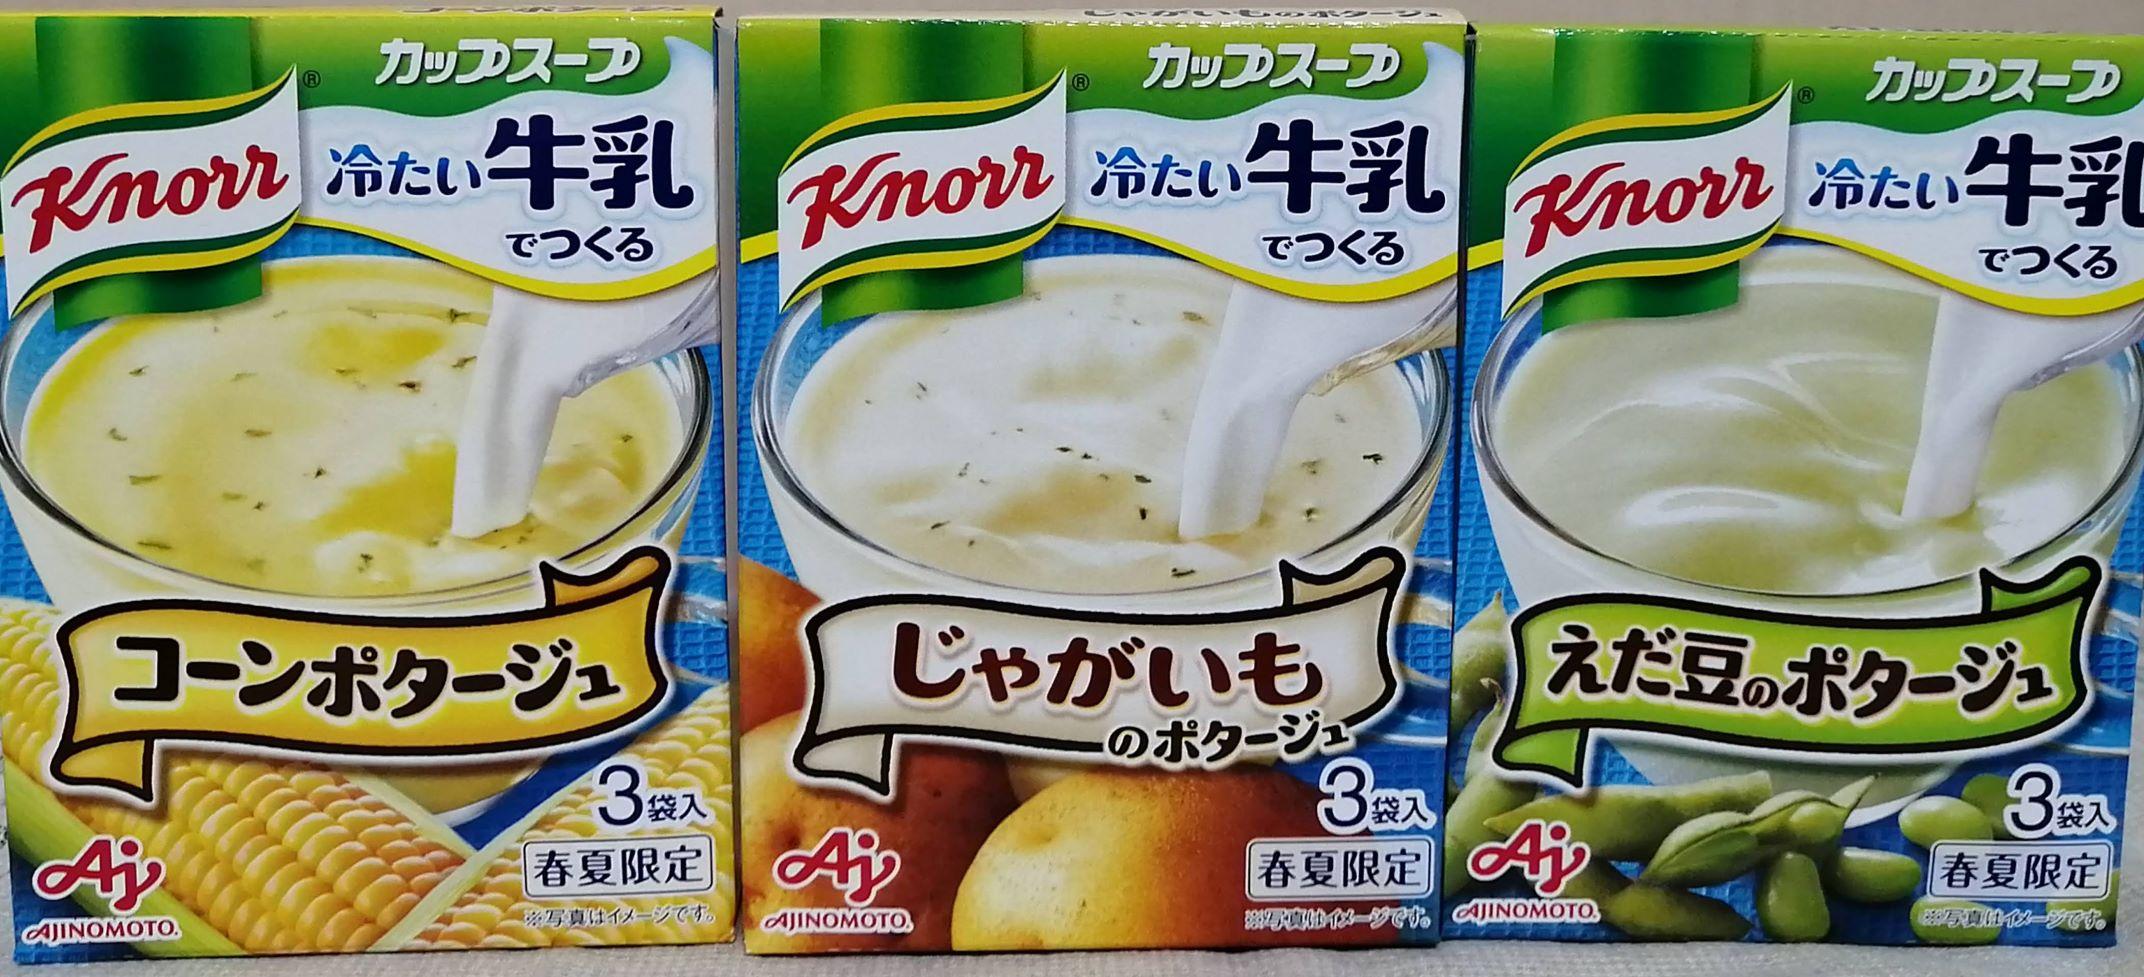 クノール《冷たい牛乳で作る》カップスープ